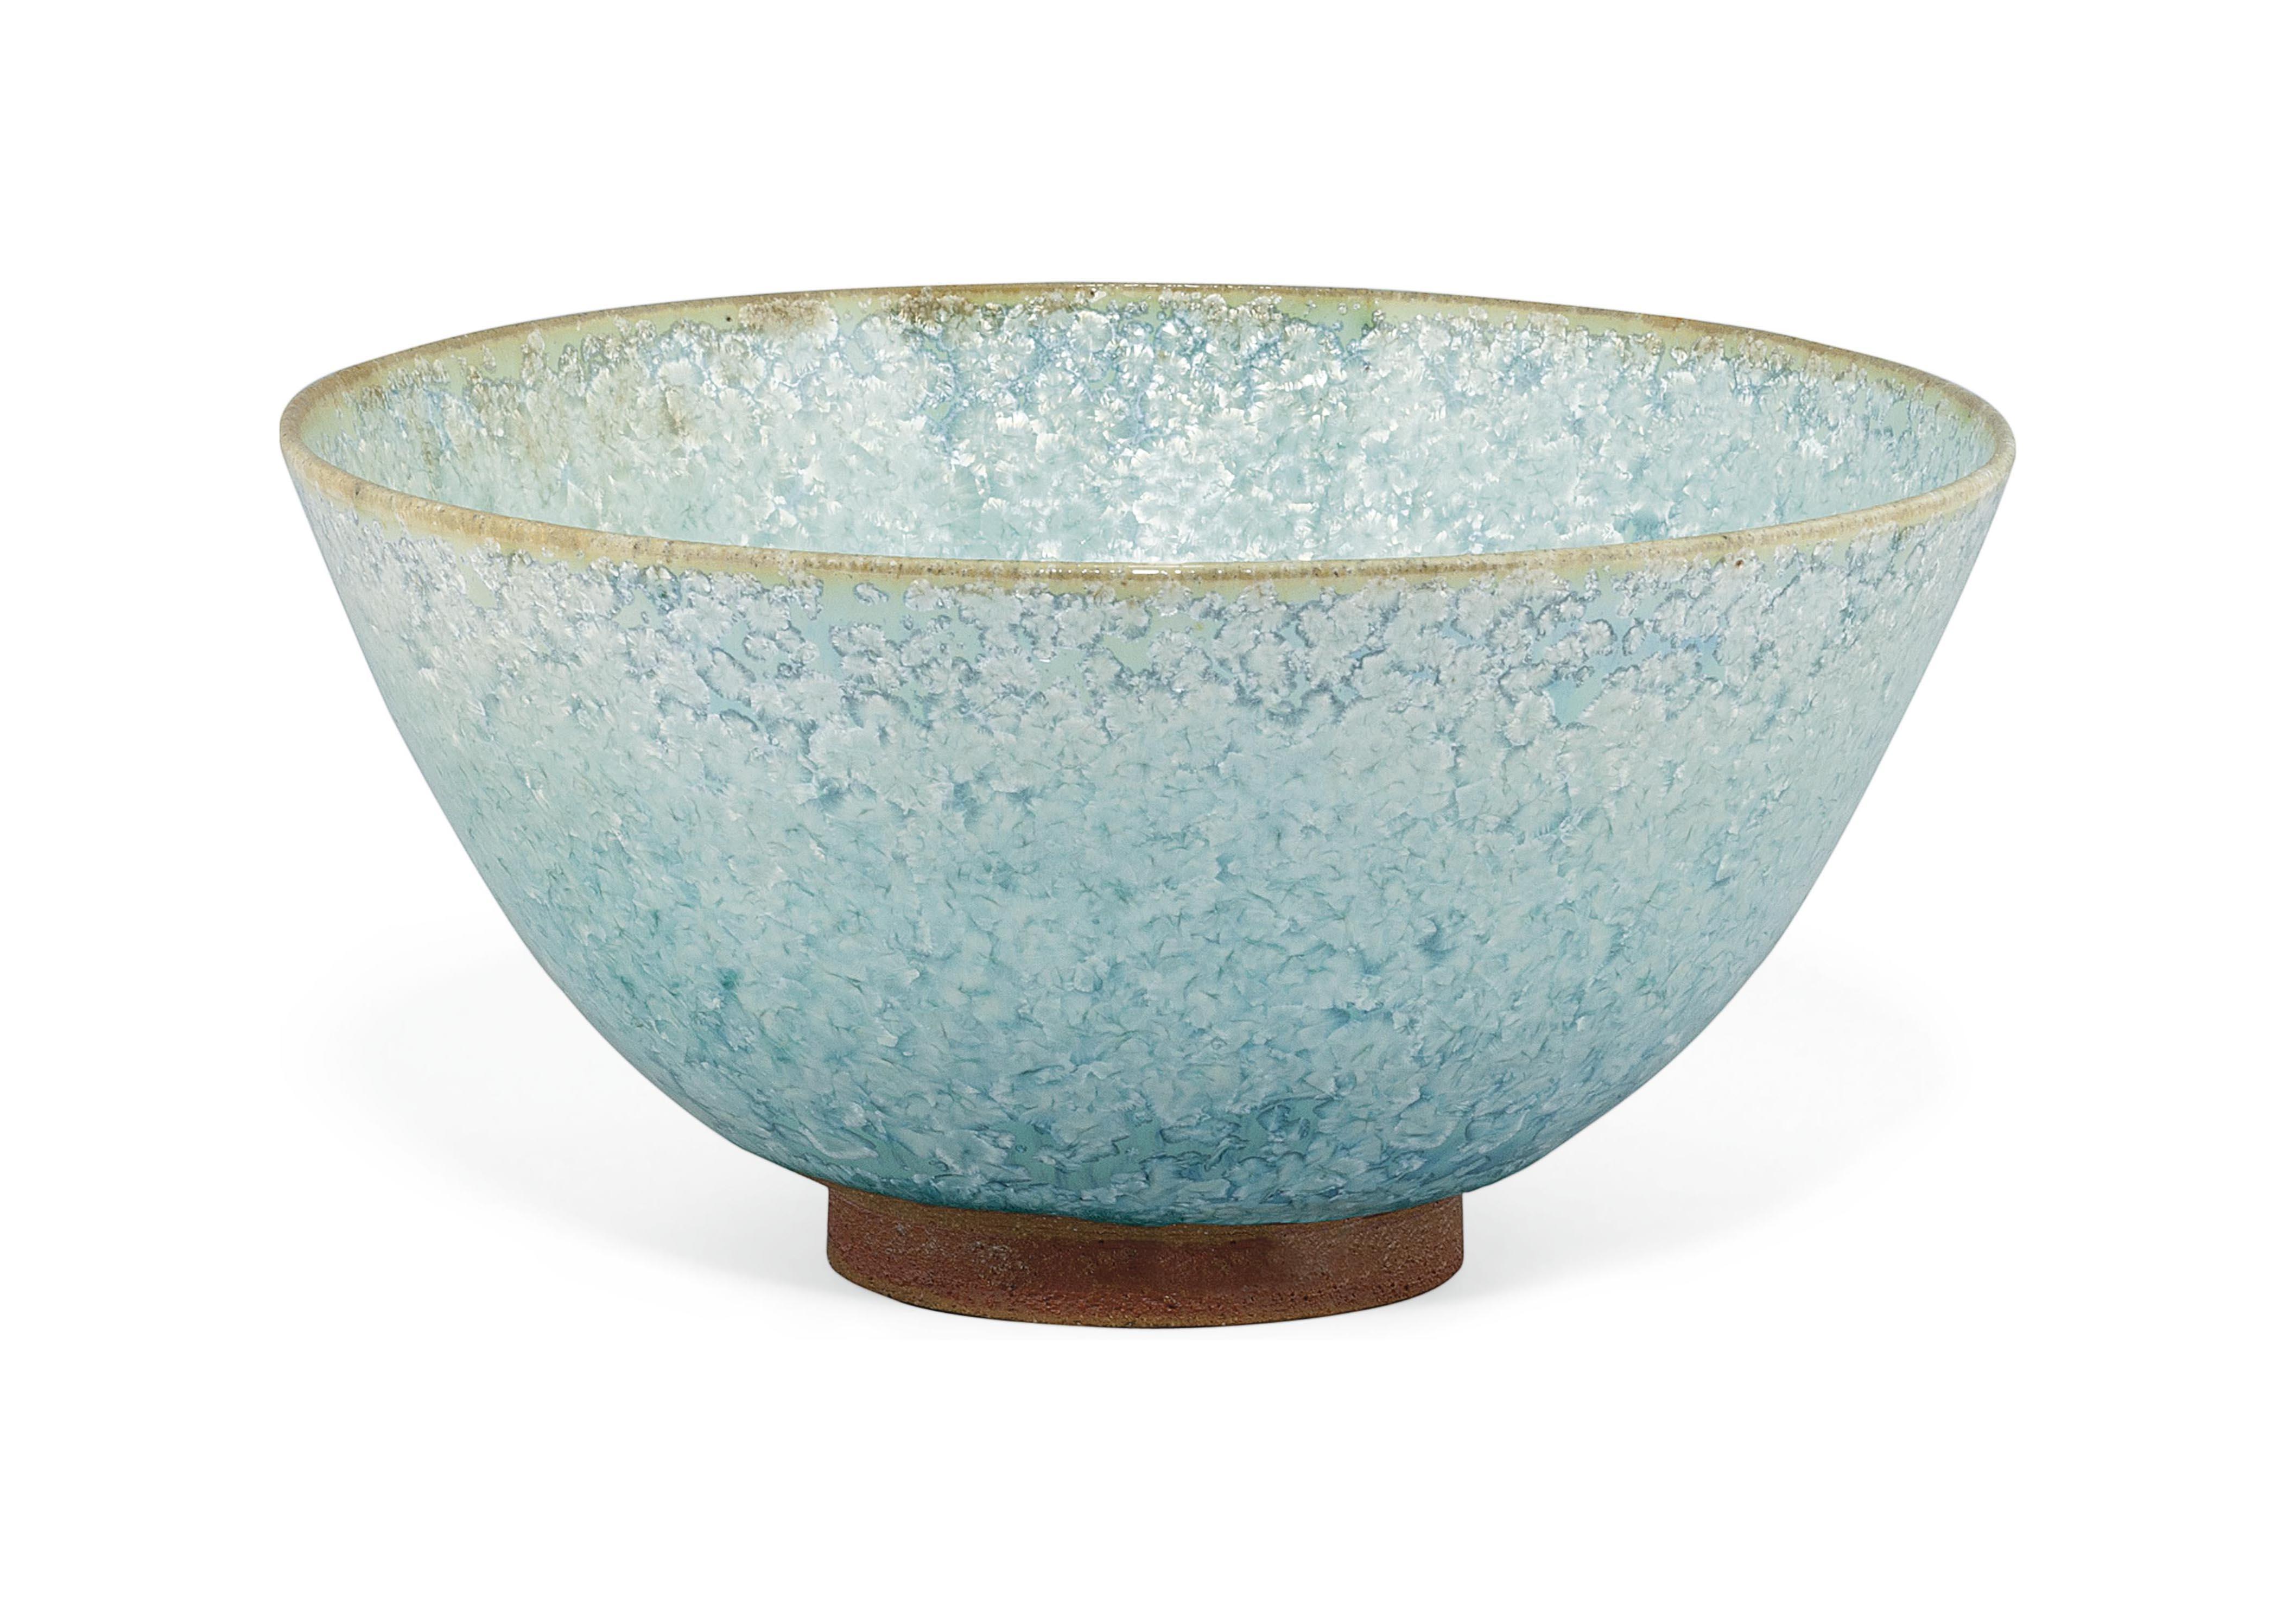 A Teabowl [Chawan]